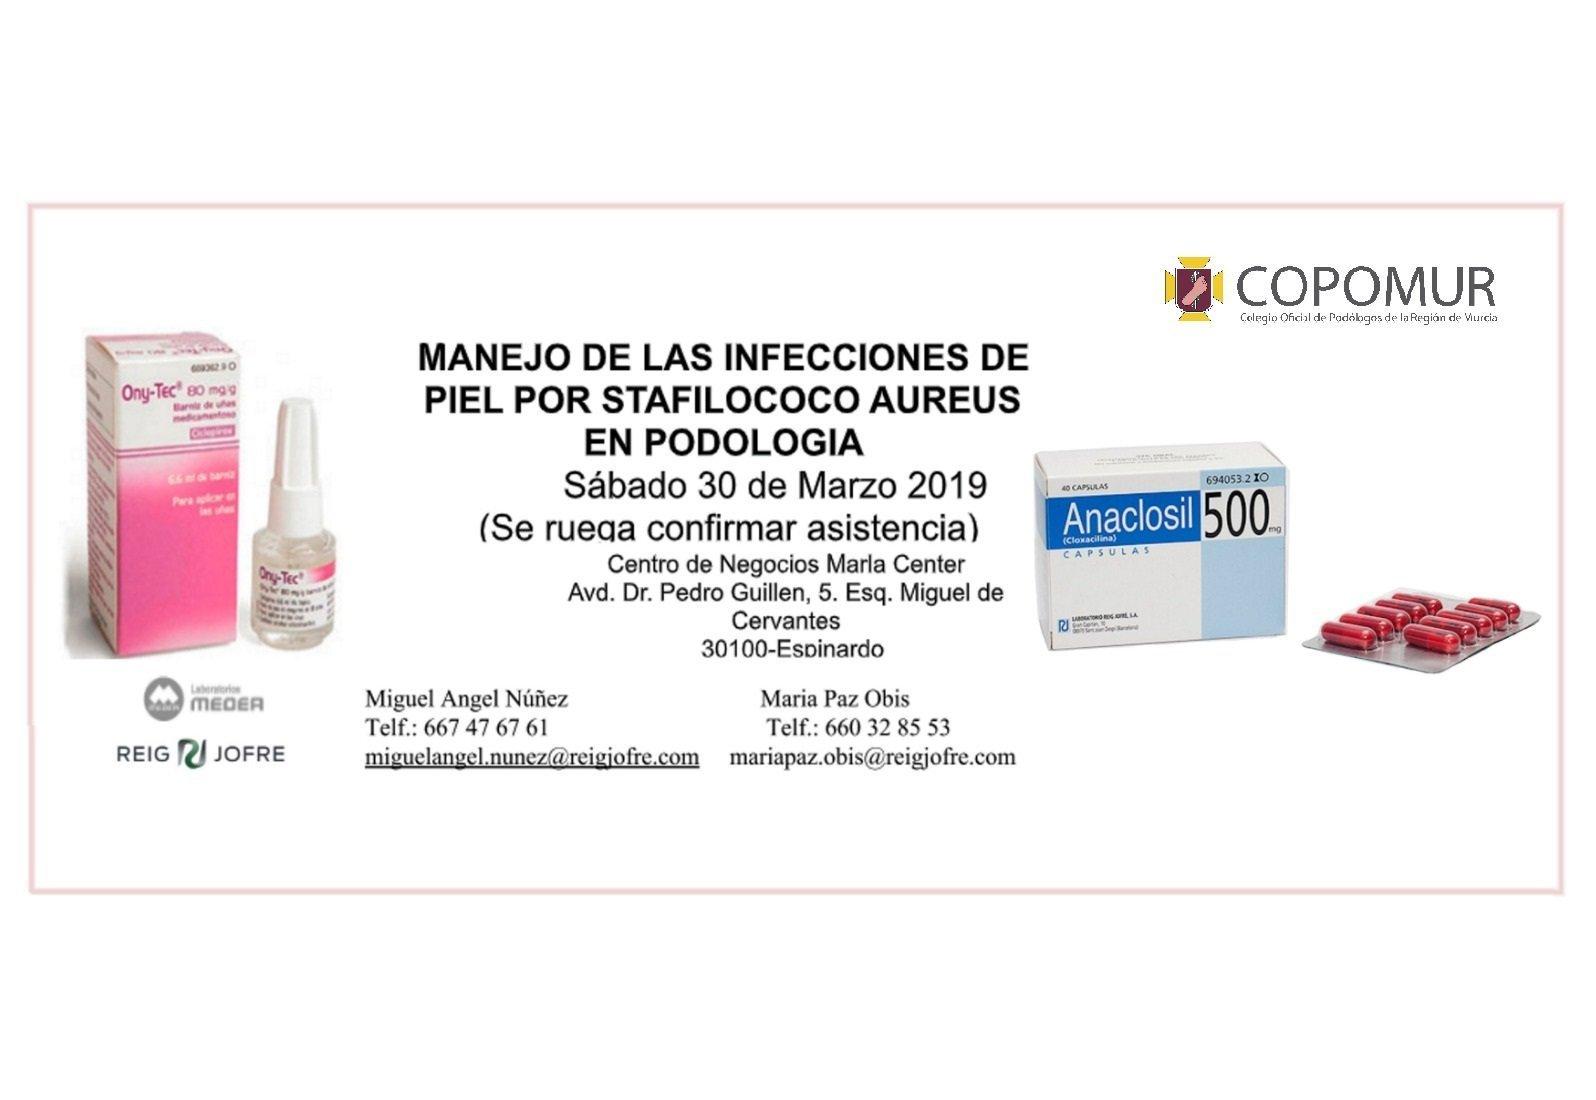 MANEJO DE LAS INFECCIONES DE PIEL POR STAFILOCOCO AUREUS EN PODOLOGÍA